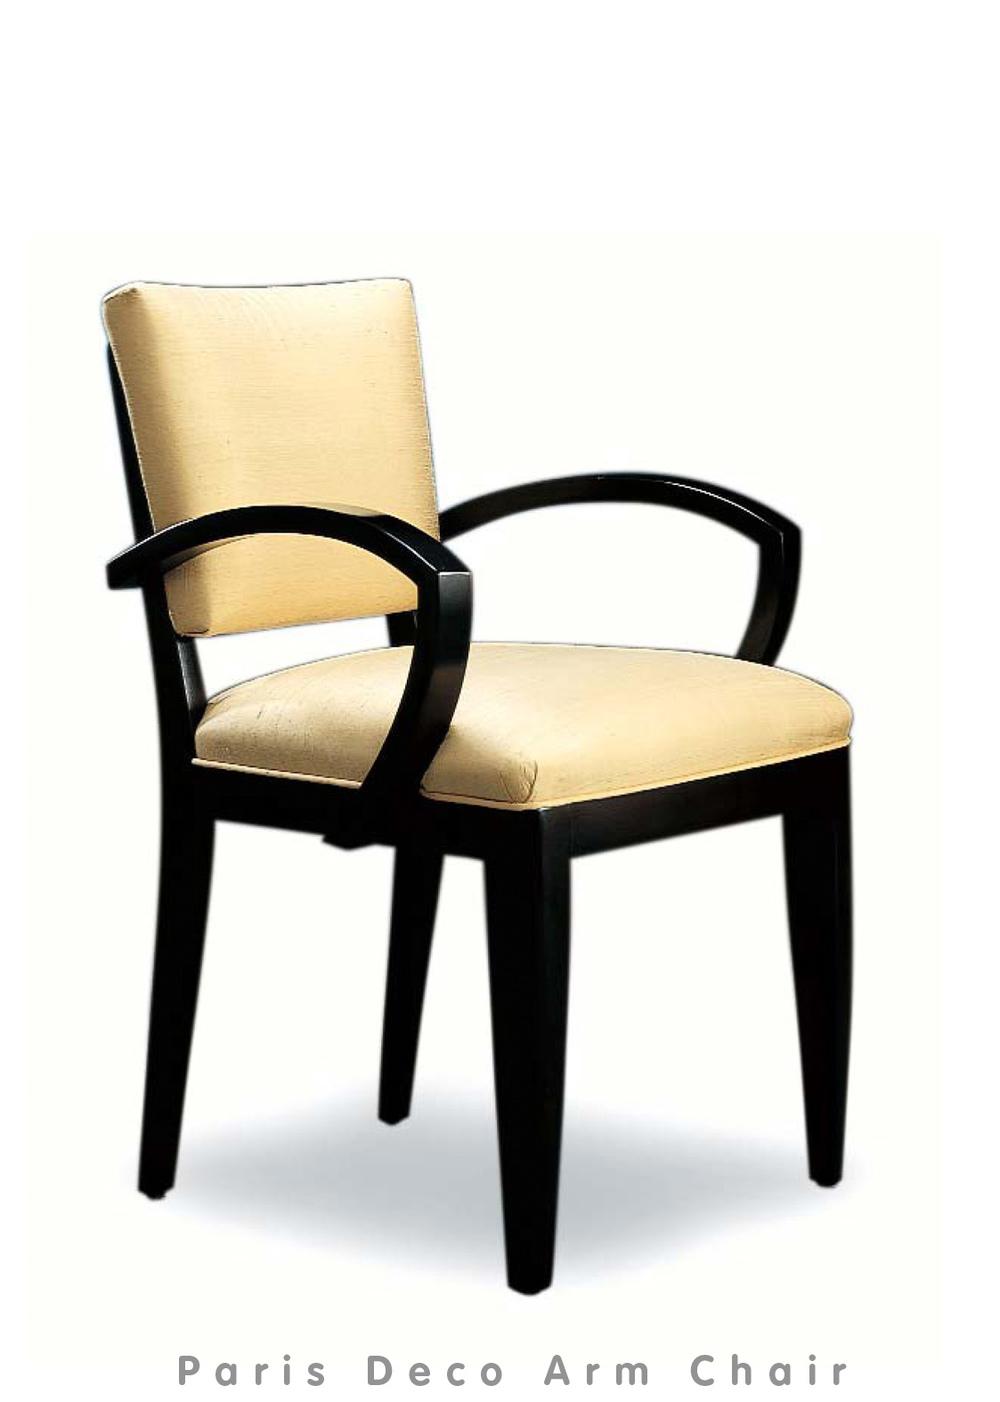 Paris Deco Arm Chair